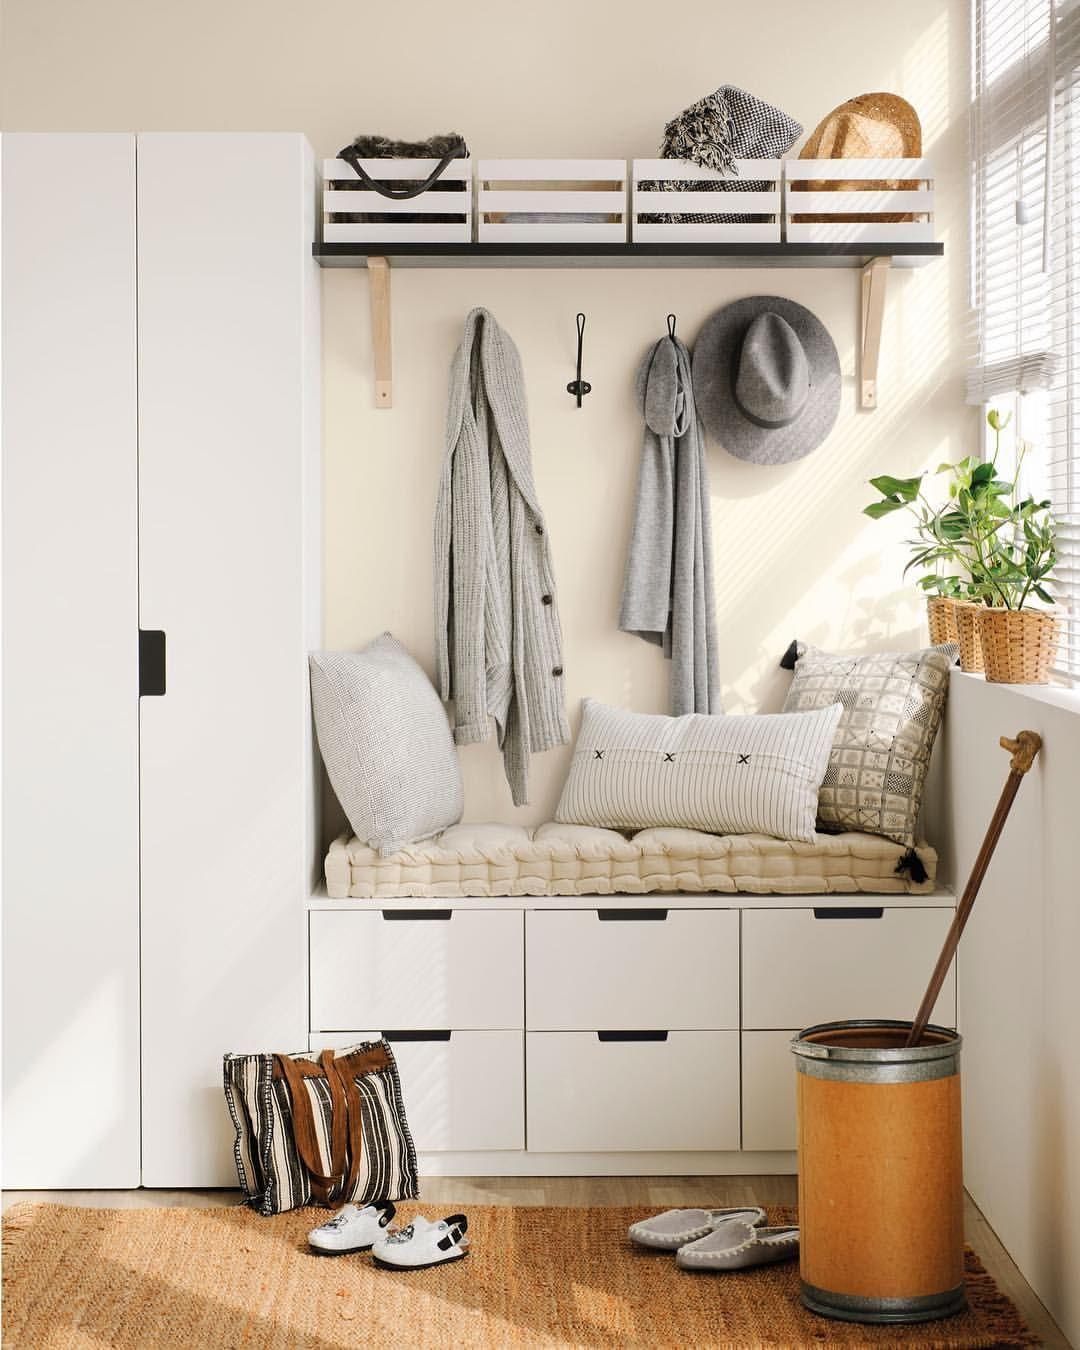 Hallway coat closet   Me gusta  comentarios  El Mueble elmueble en Instagram